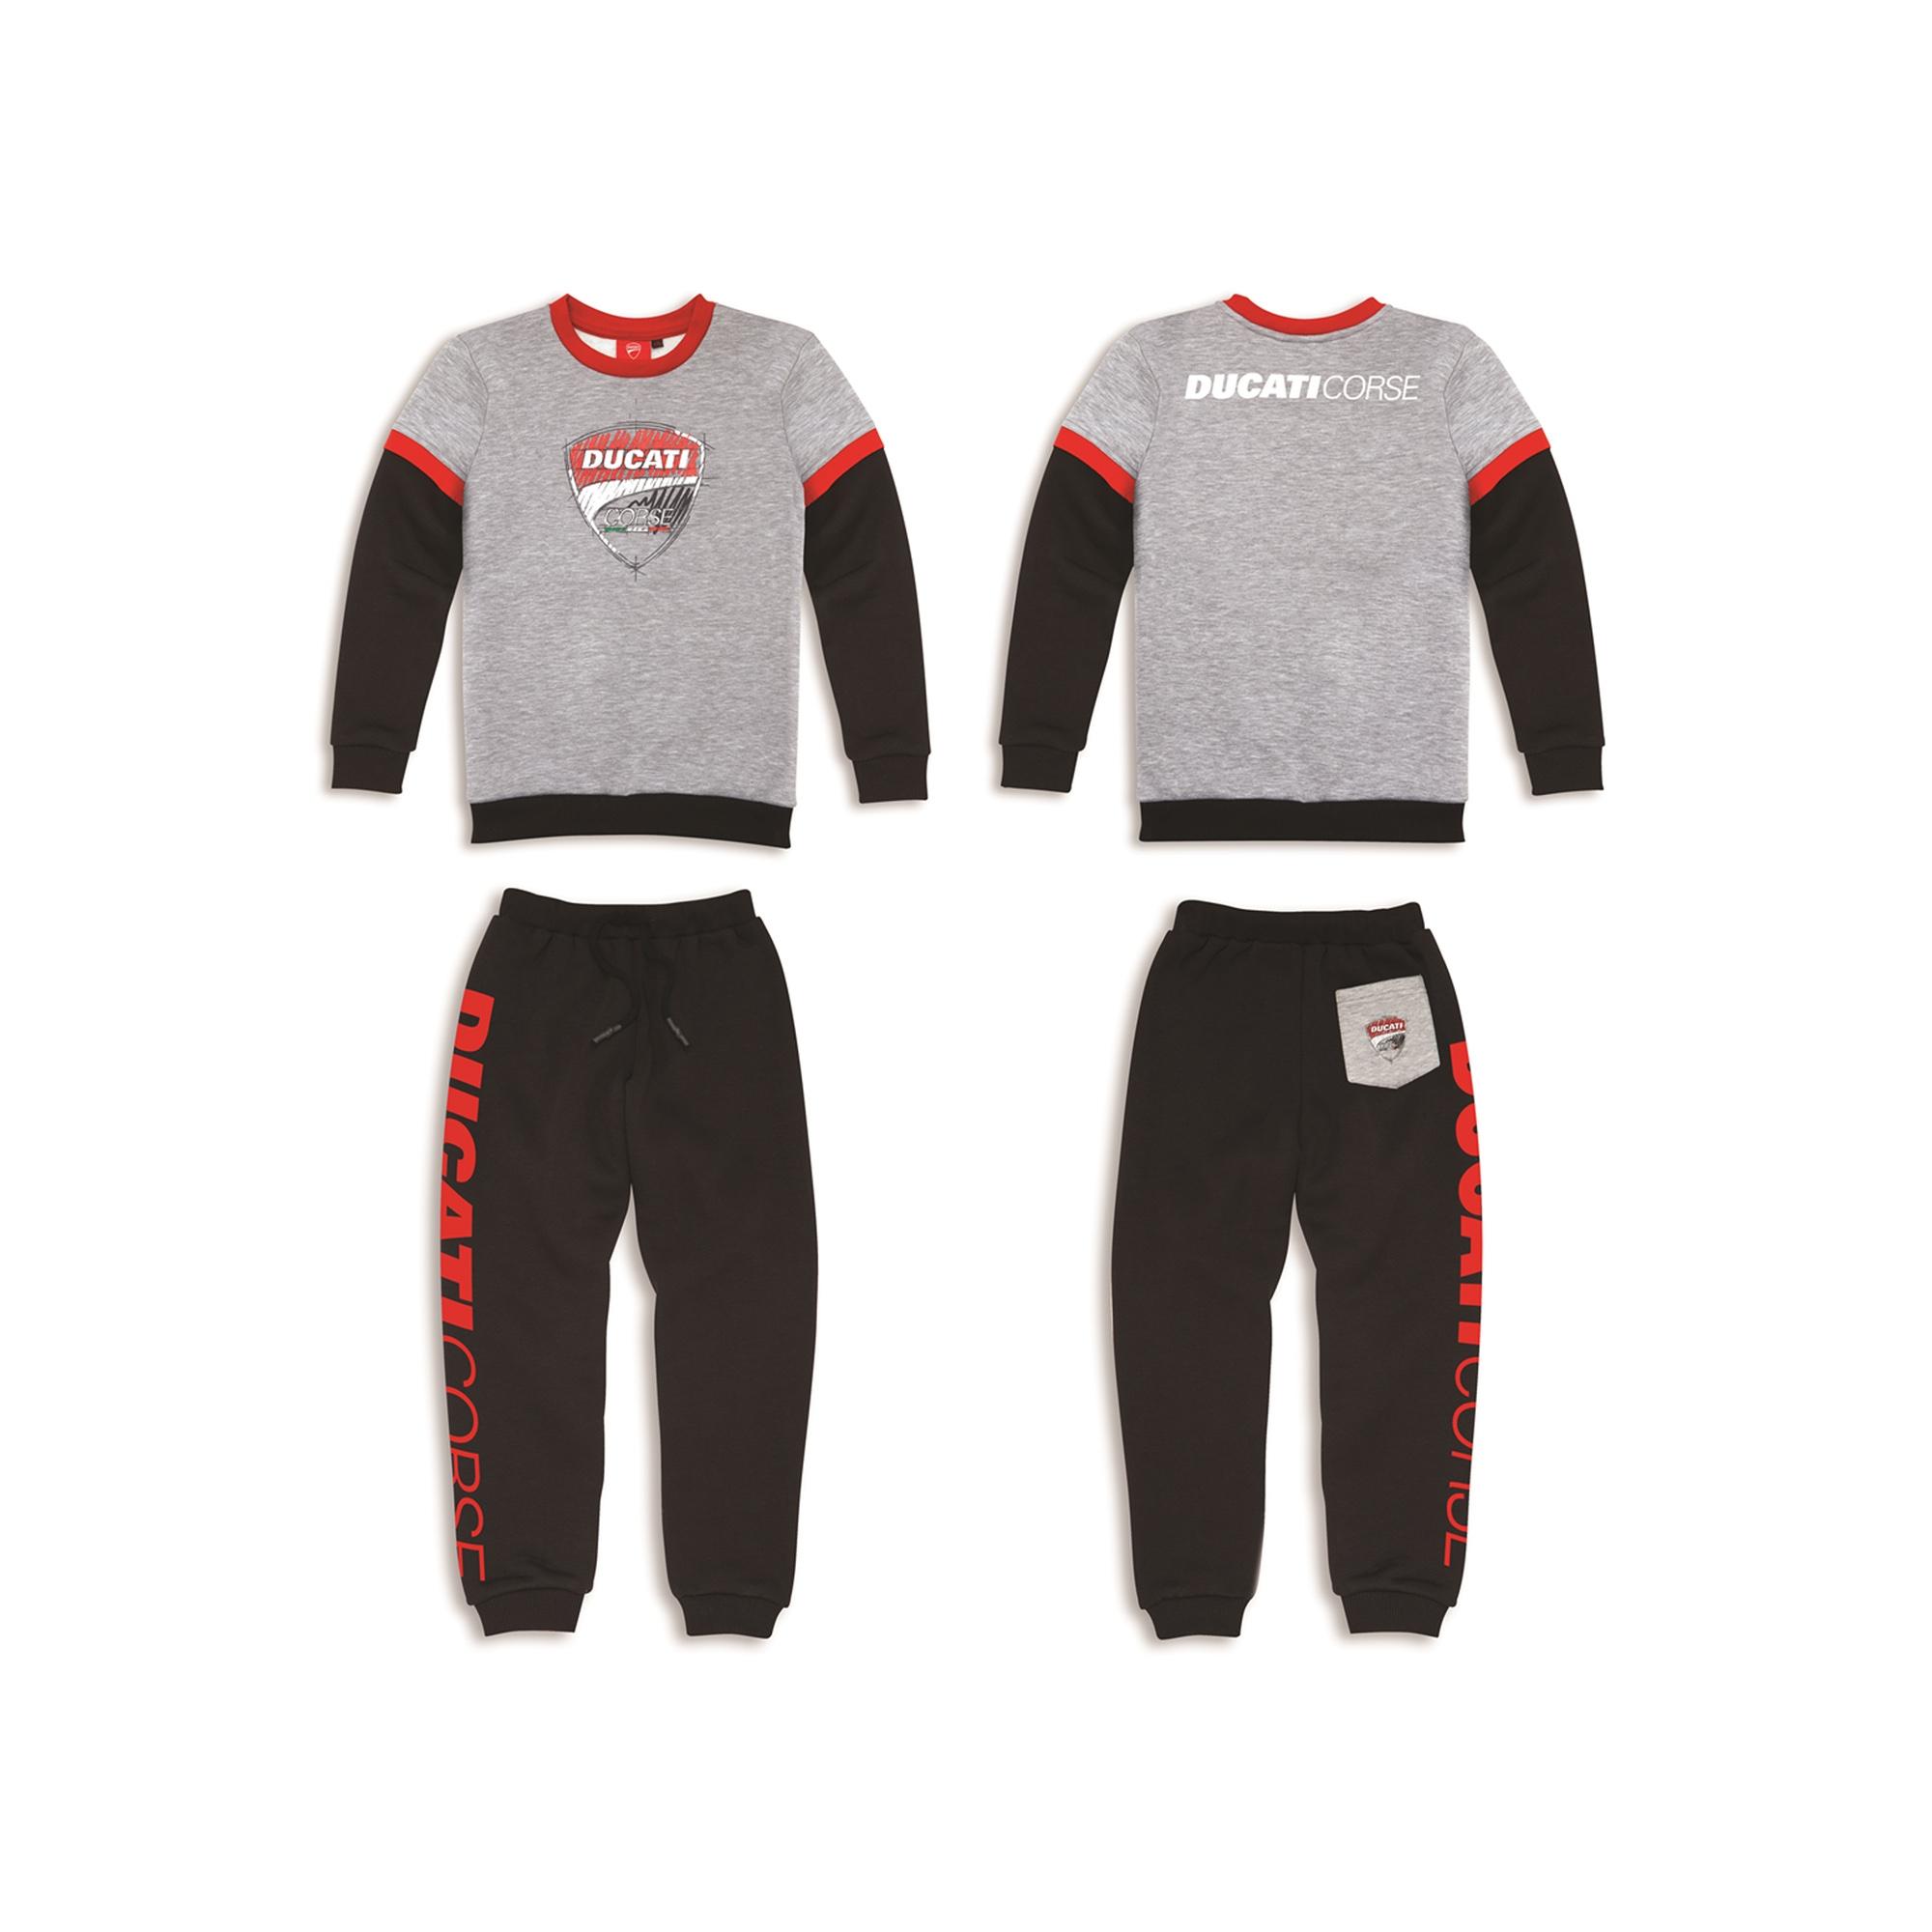 Ducati Corse Sketch Sweatshirt Size Medium